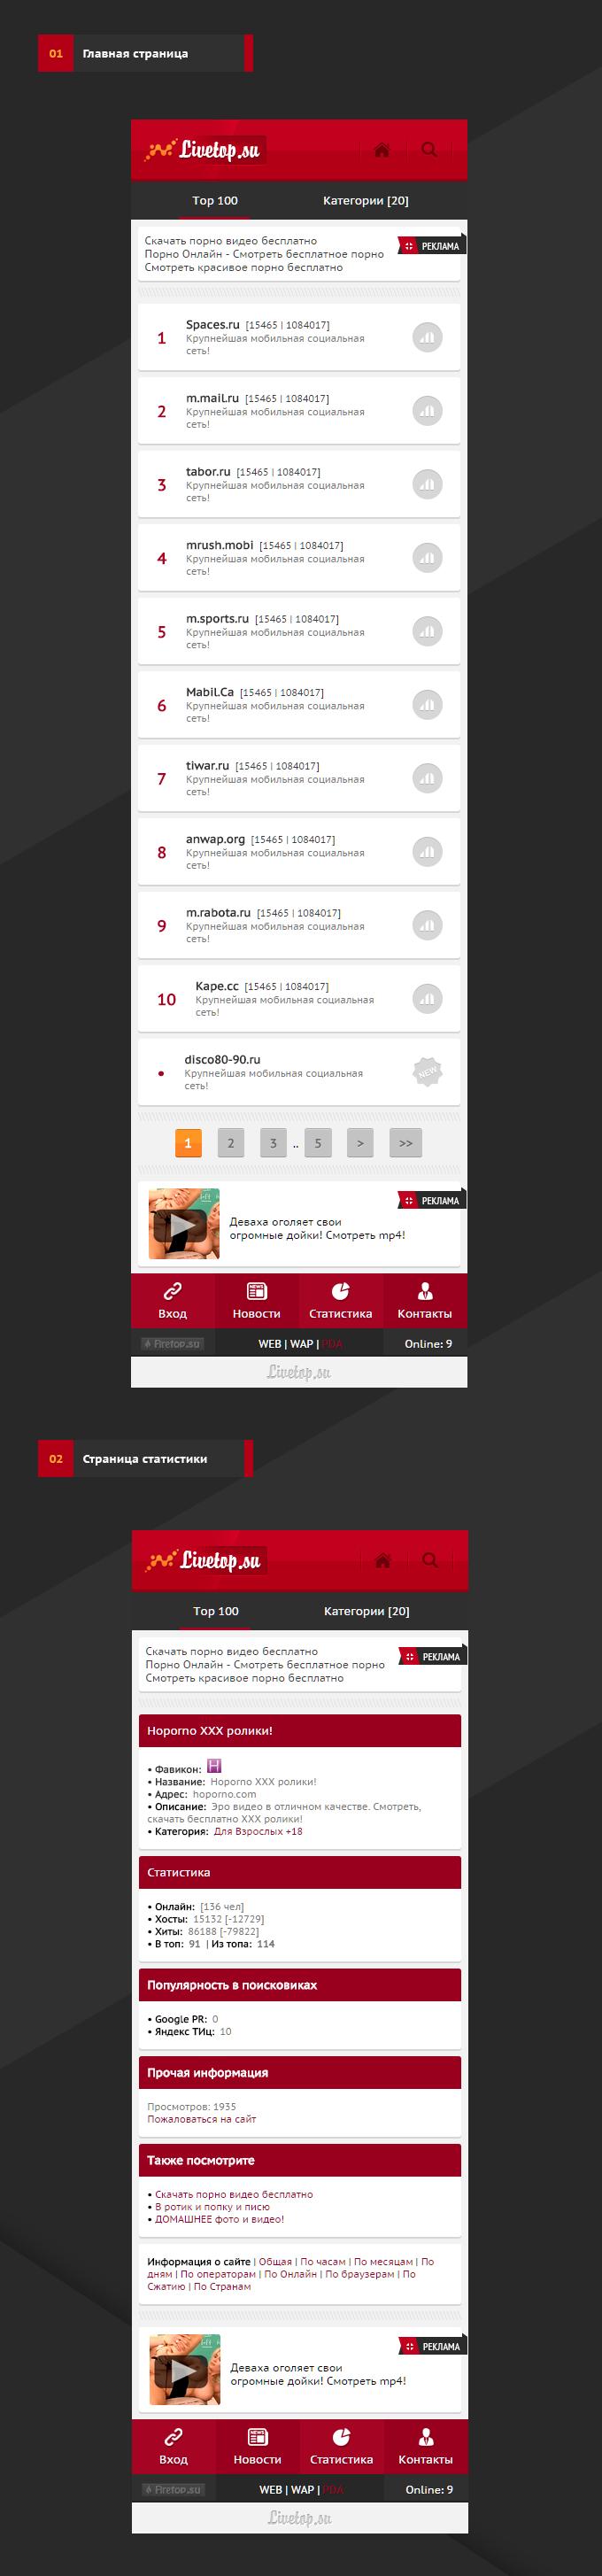 Дизайн сайта топ рейтинга [макет | верстка]